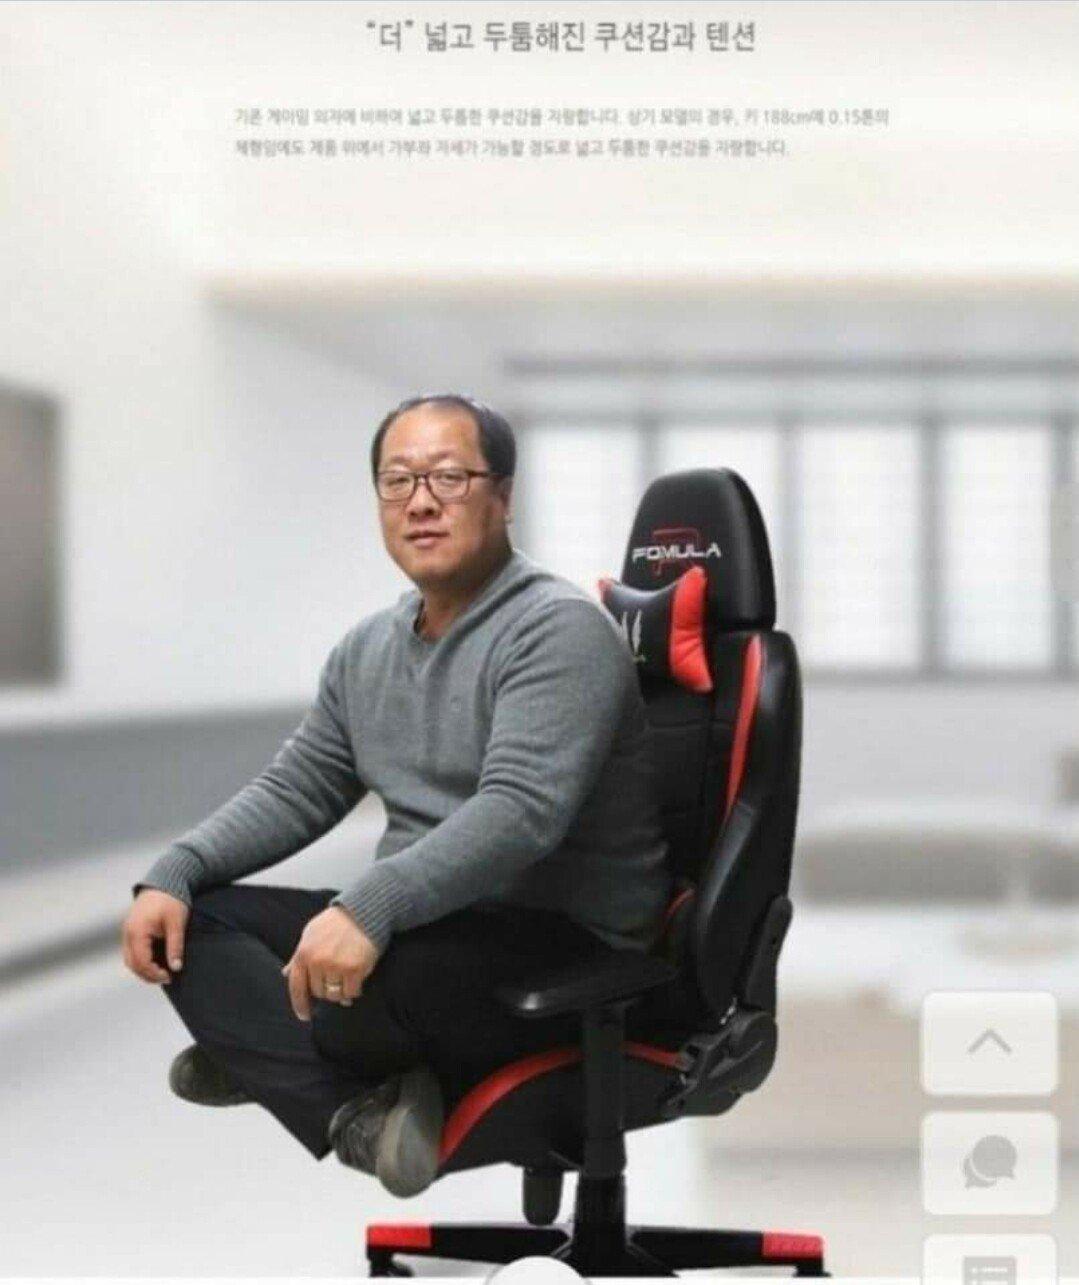 [유머] 일본 의자광고 VS 한국 의자광고 -  와이드섬